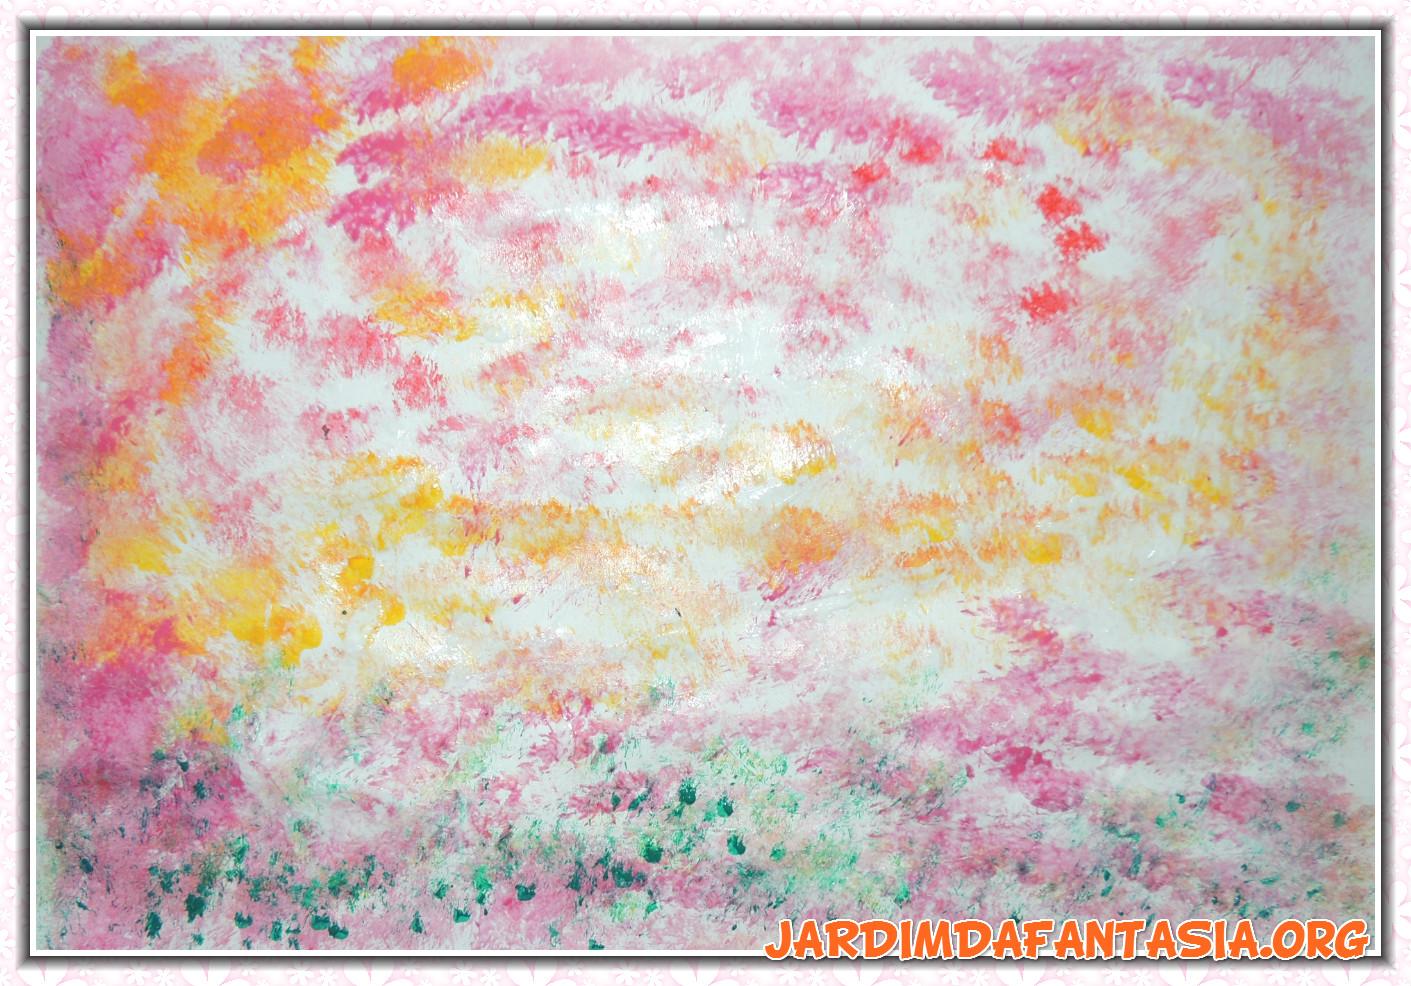 Extremamente Atividades Jardim da Fantasia: Artes Técnica de Pintura com Cola  PZ16